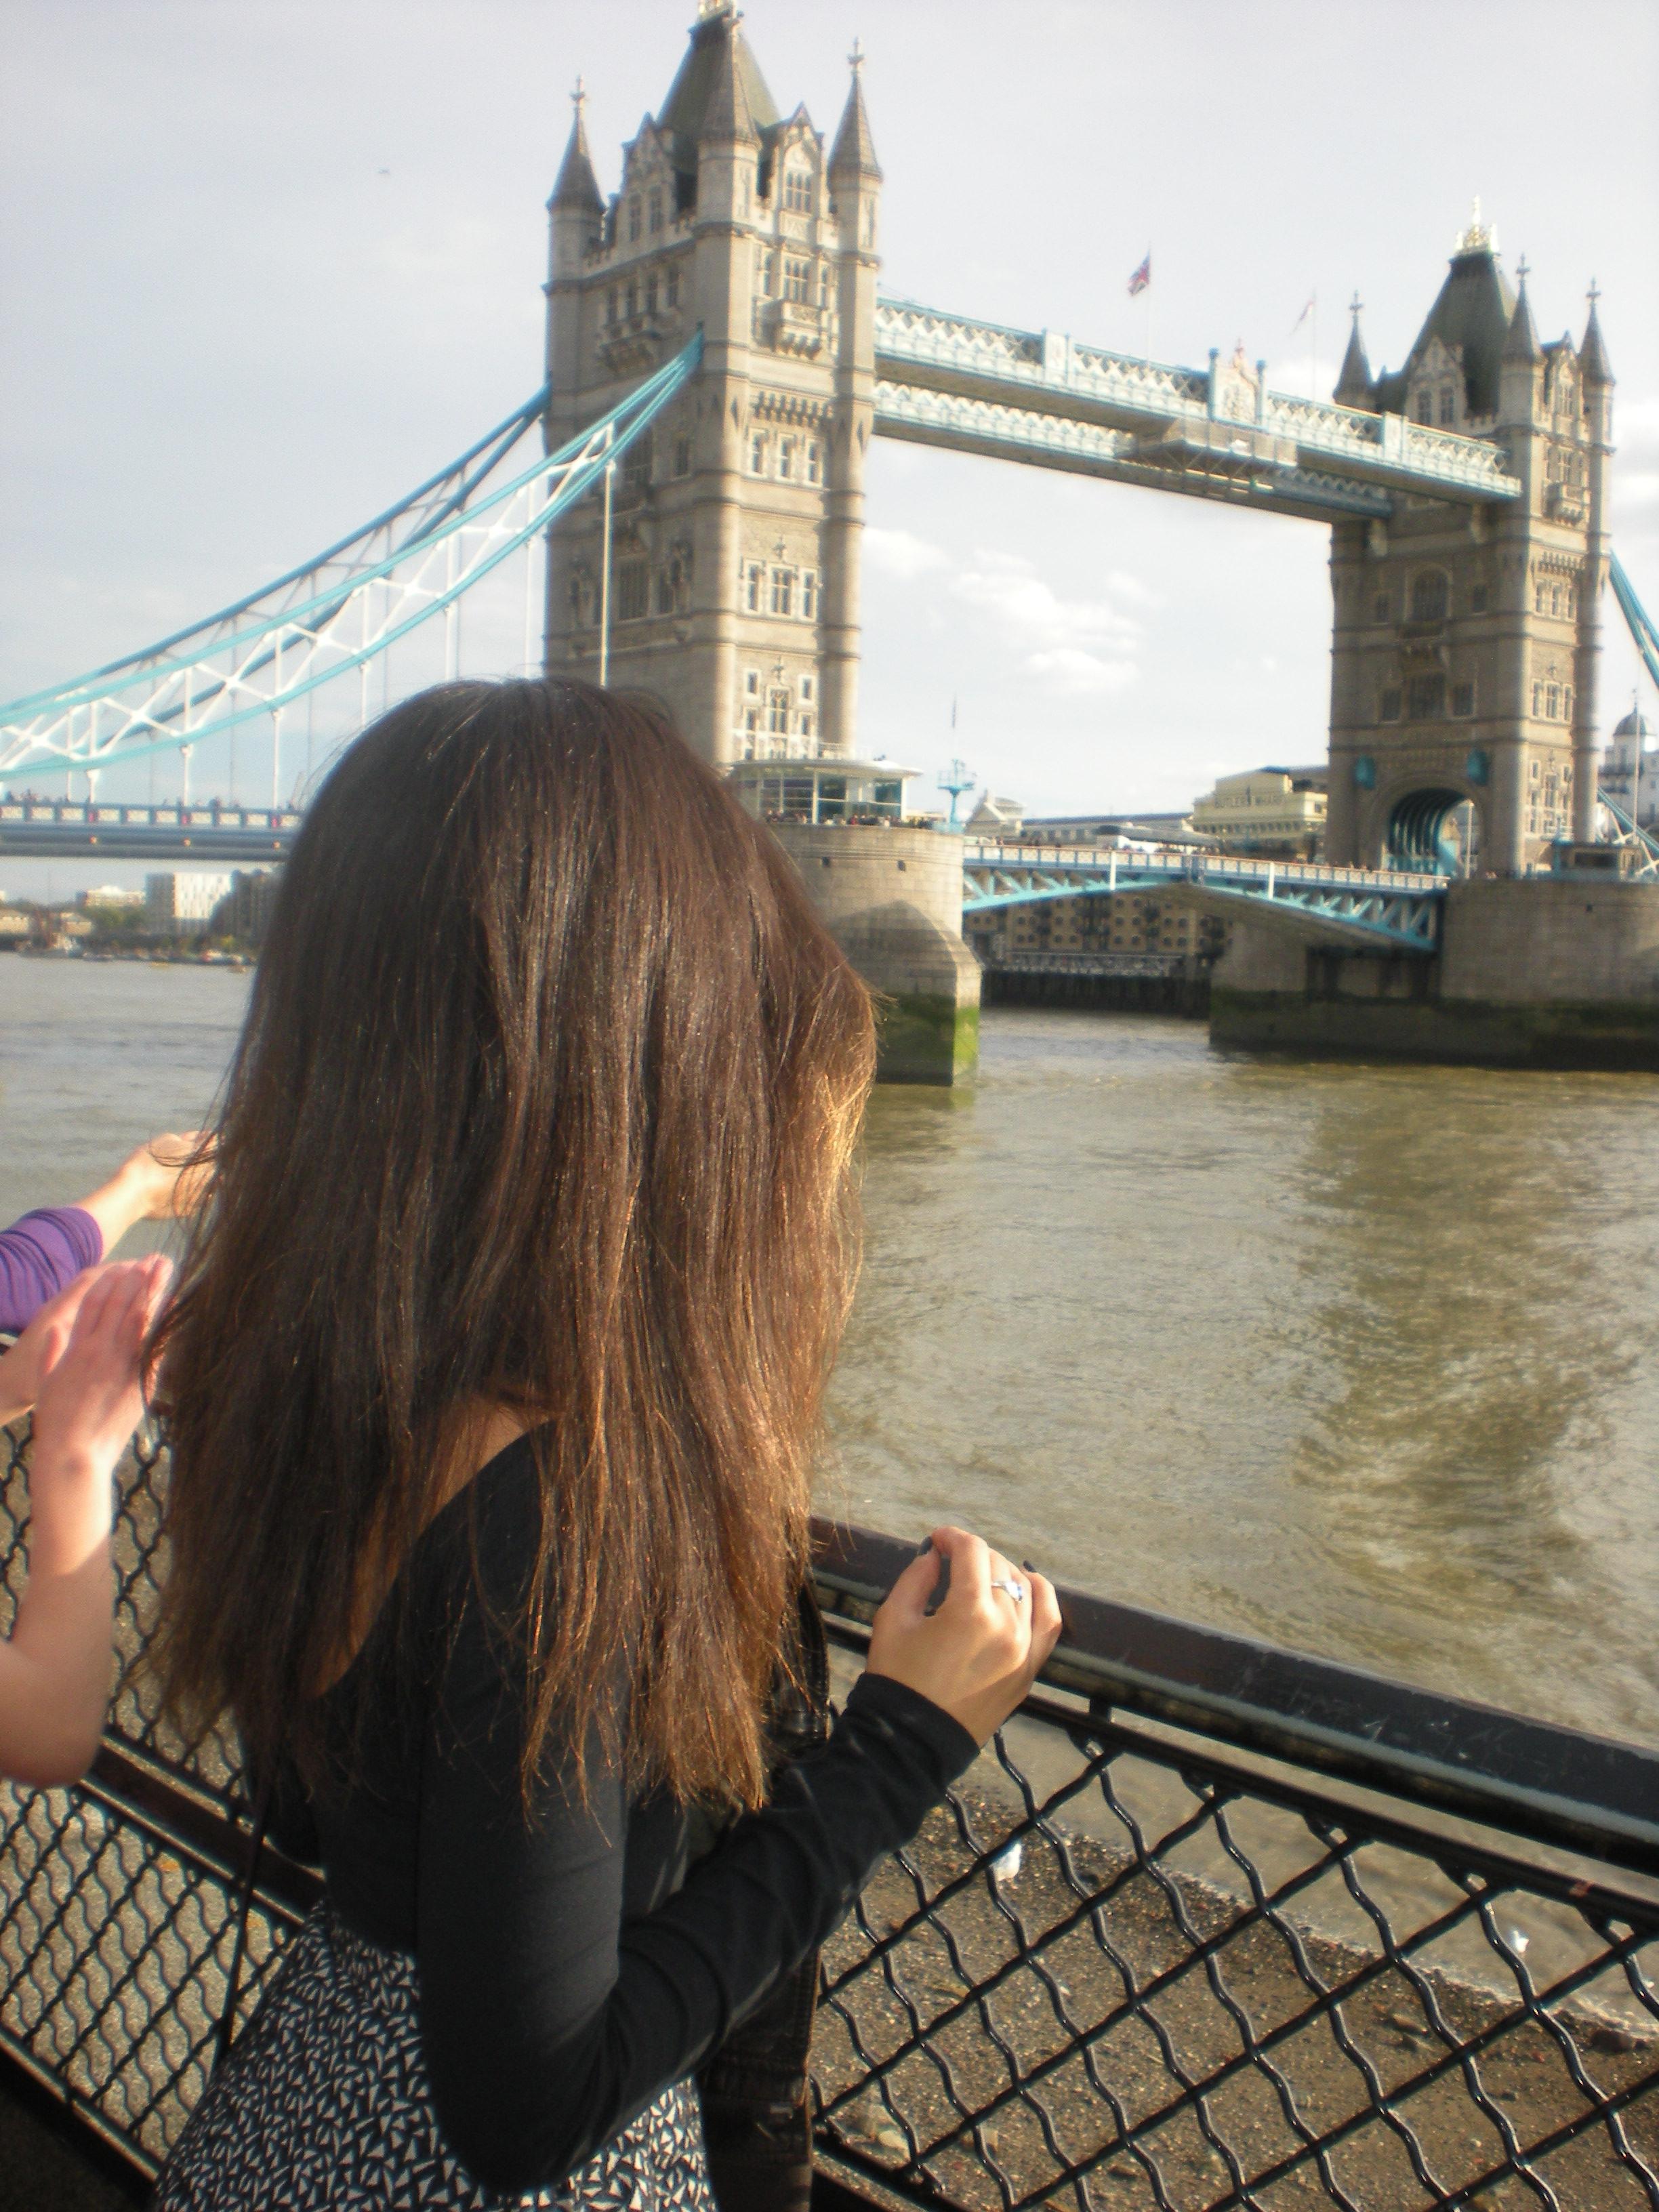 My view of london   sabreena talamantes